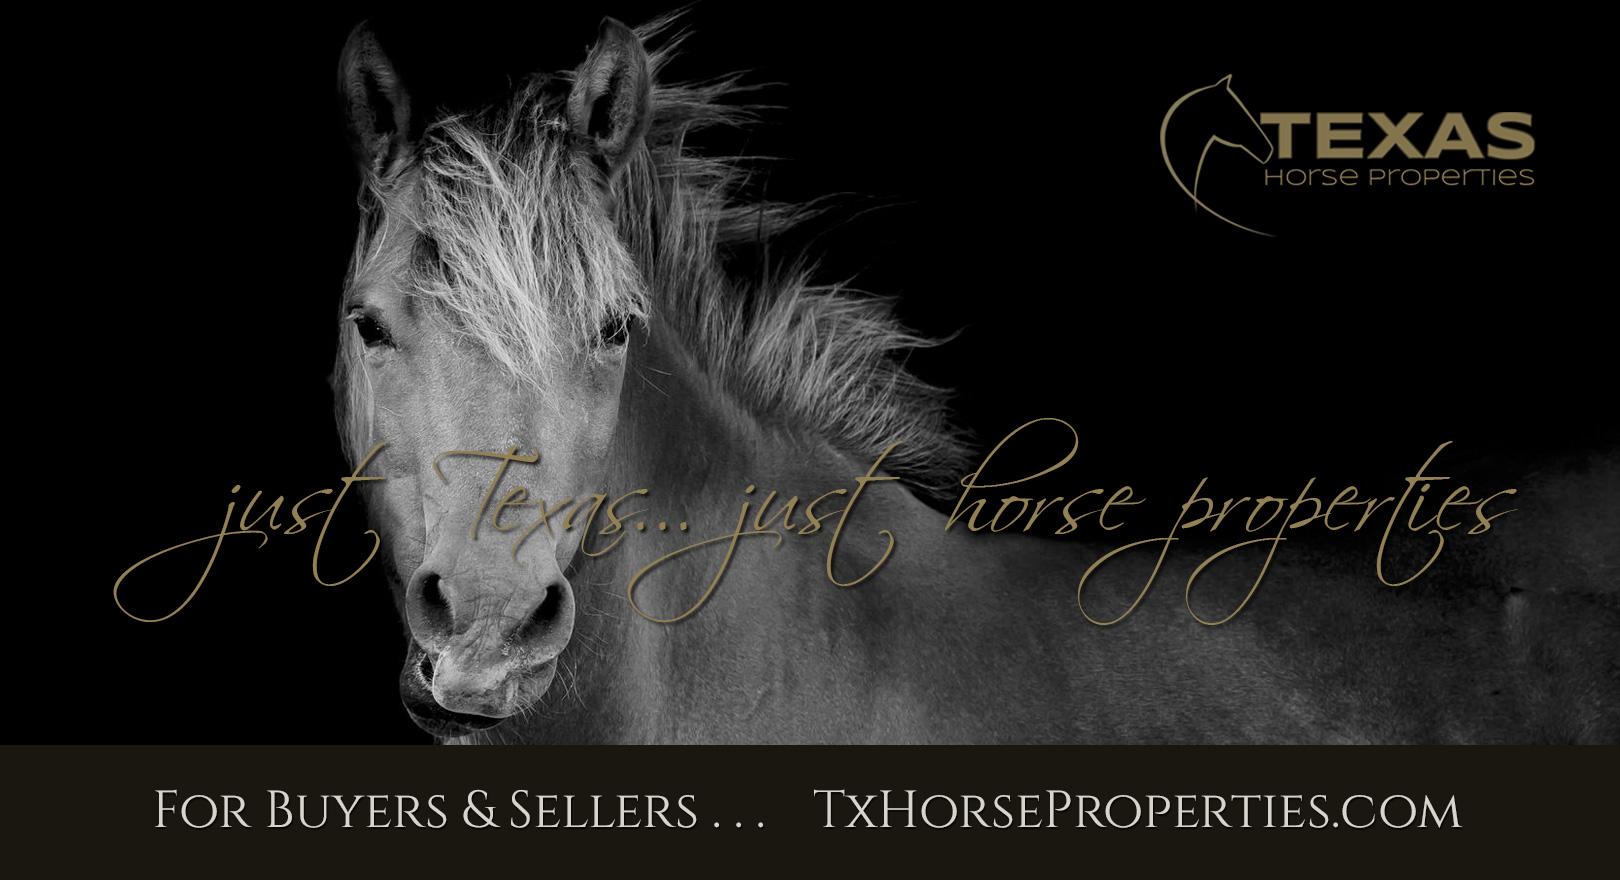 Texas Horse Properties